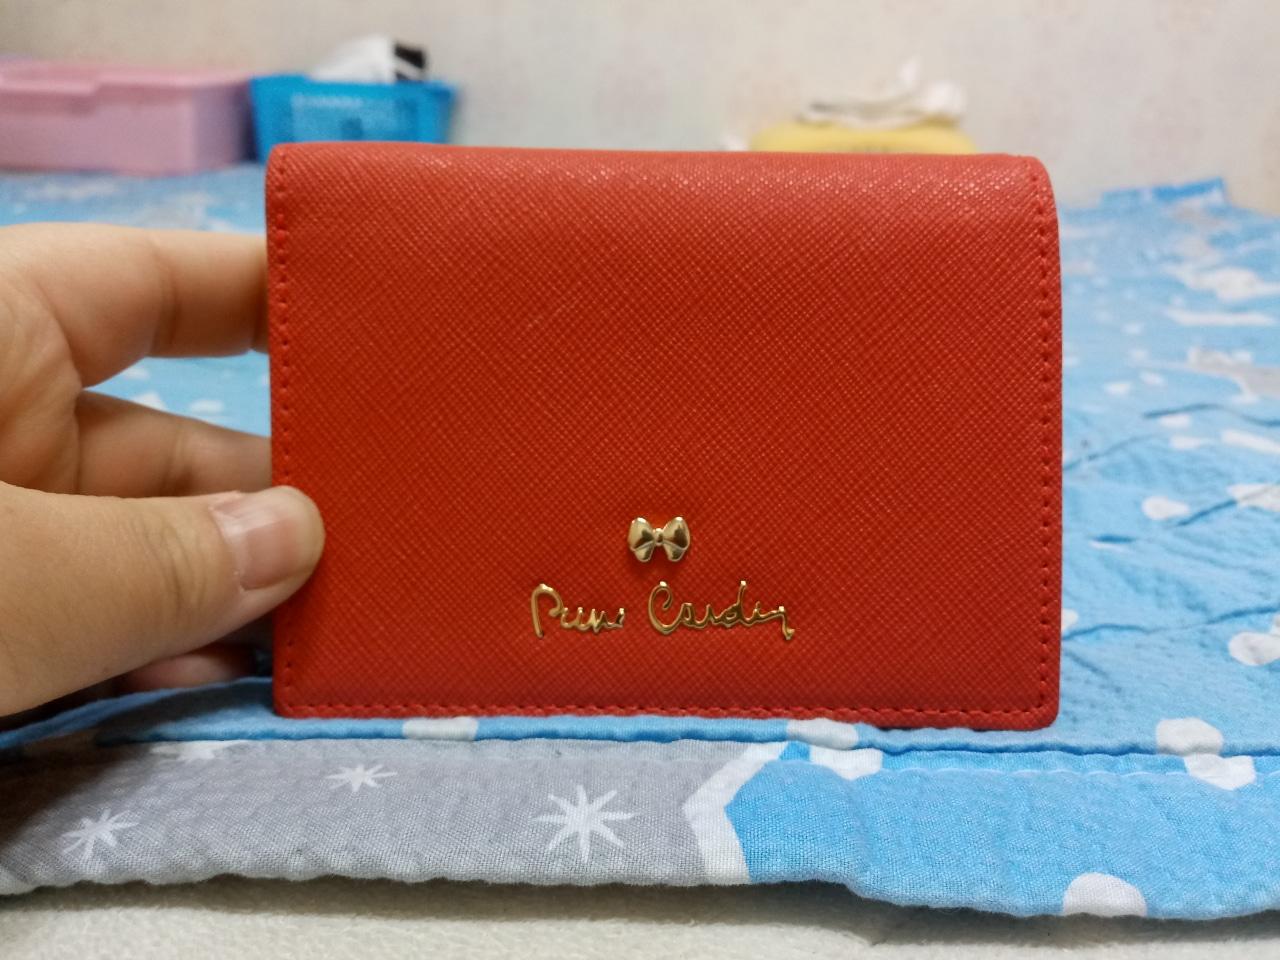 피에르가르뎅,피에르가르뎅반지갑,지갑,반지갑,카드지갑